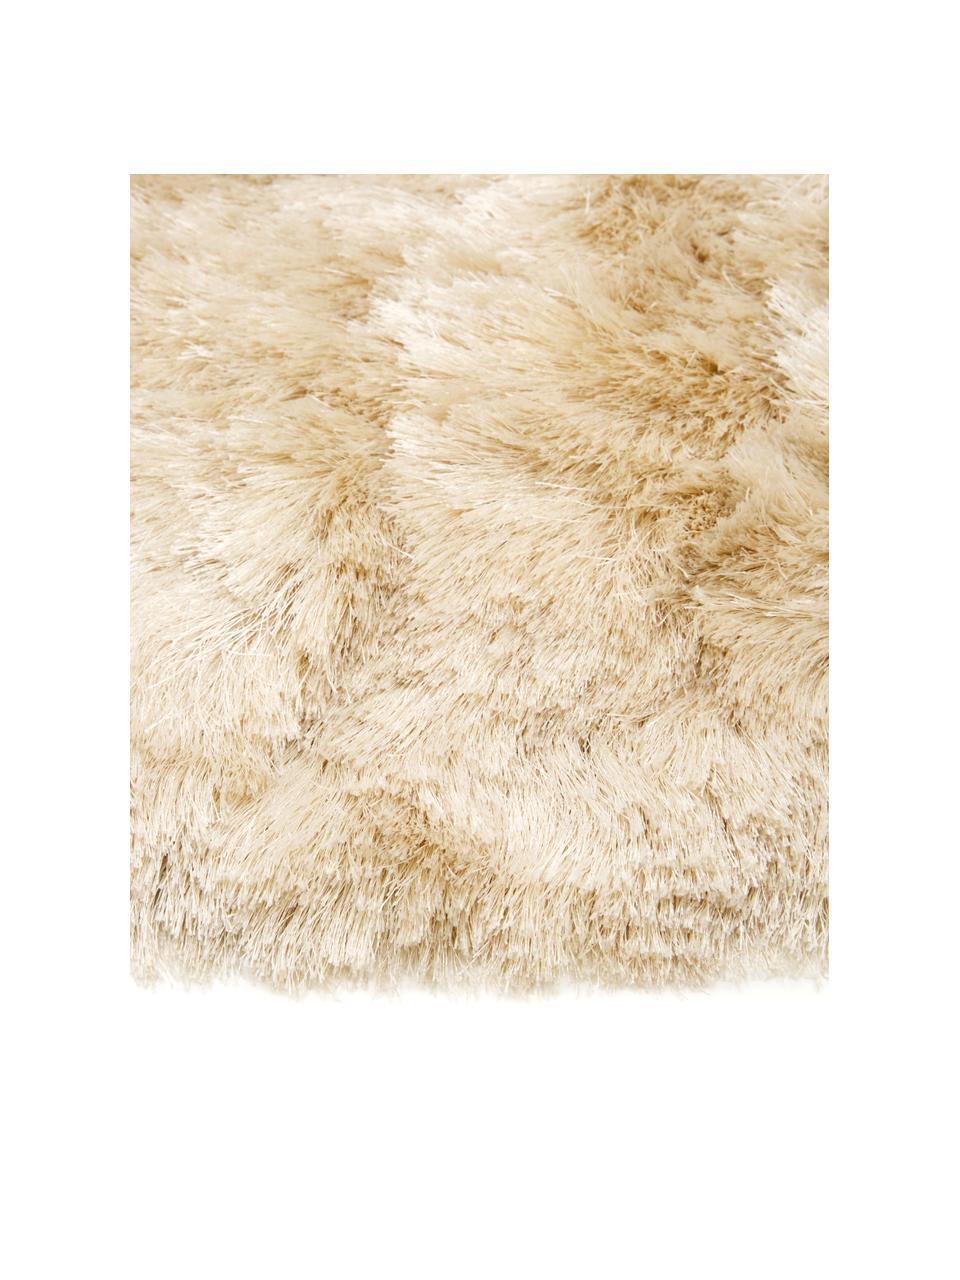 Tappeto rotondo lucido a pelo lungo color avorio Jimmy, Retro: 100% cotone, Avorio, Ø 200 cm (taglia L)